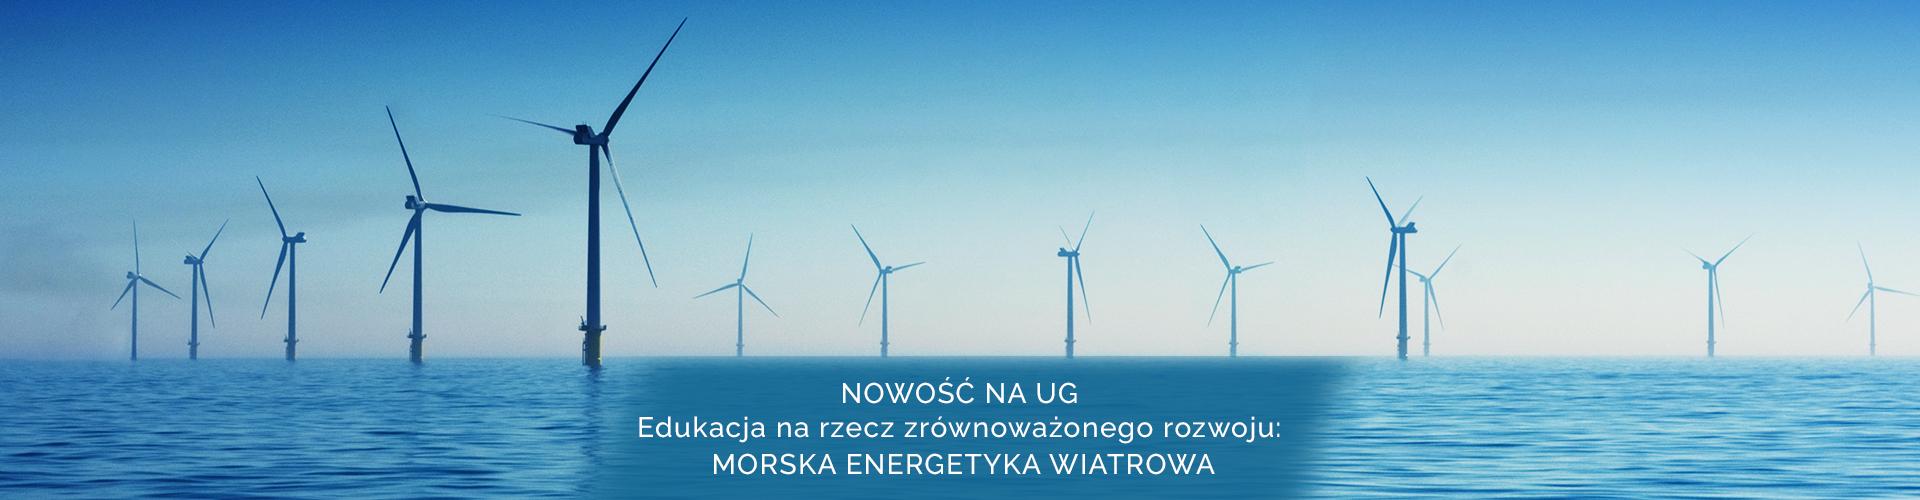 Nowość na UG. Edukacja na rzecz zrównoważonego rozwoju: morska energetyka wiatrowa